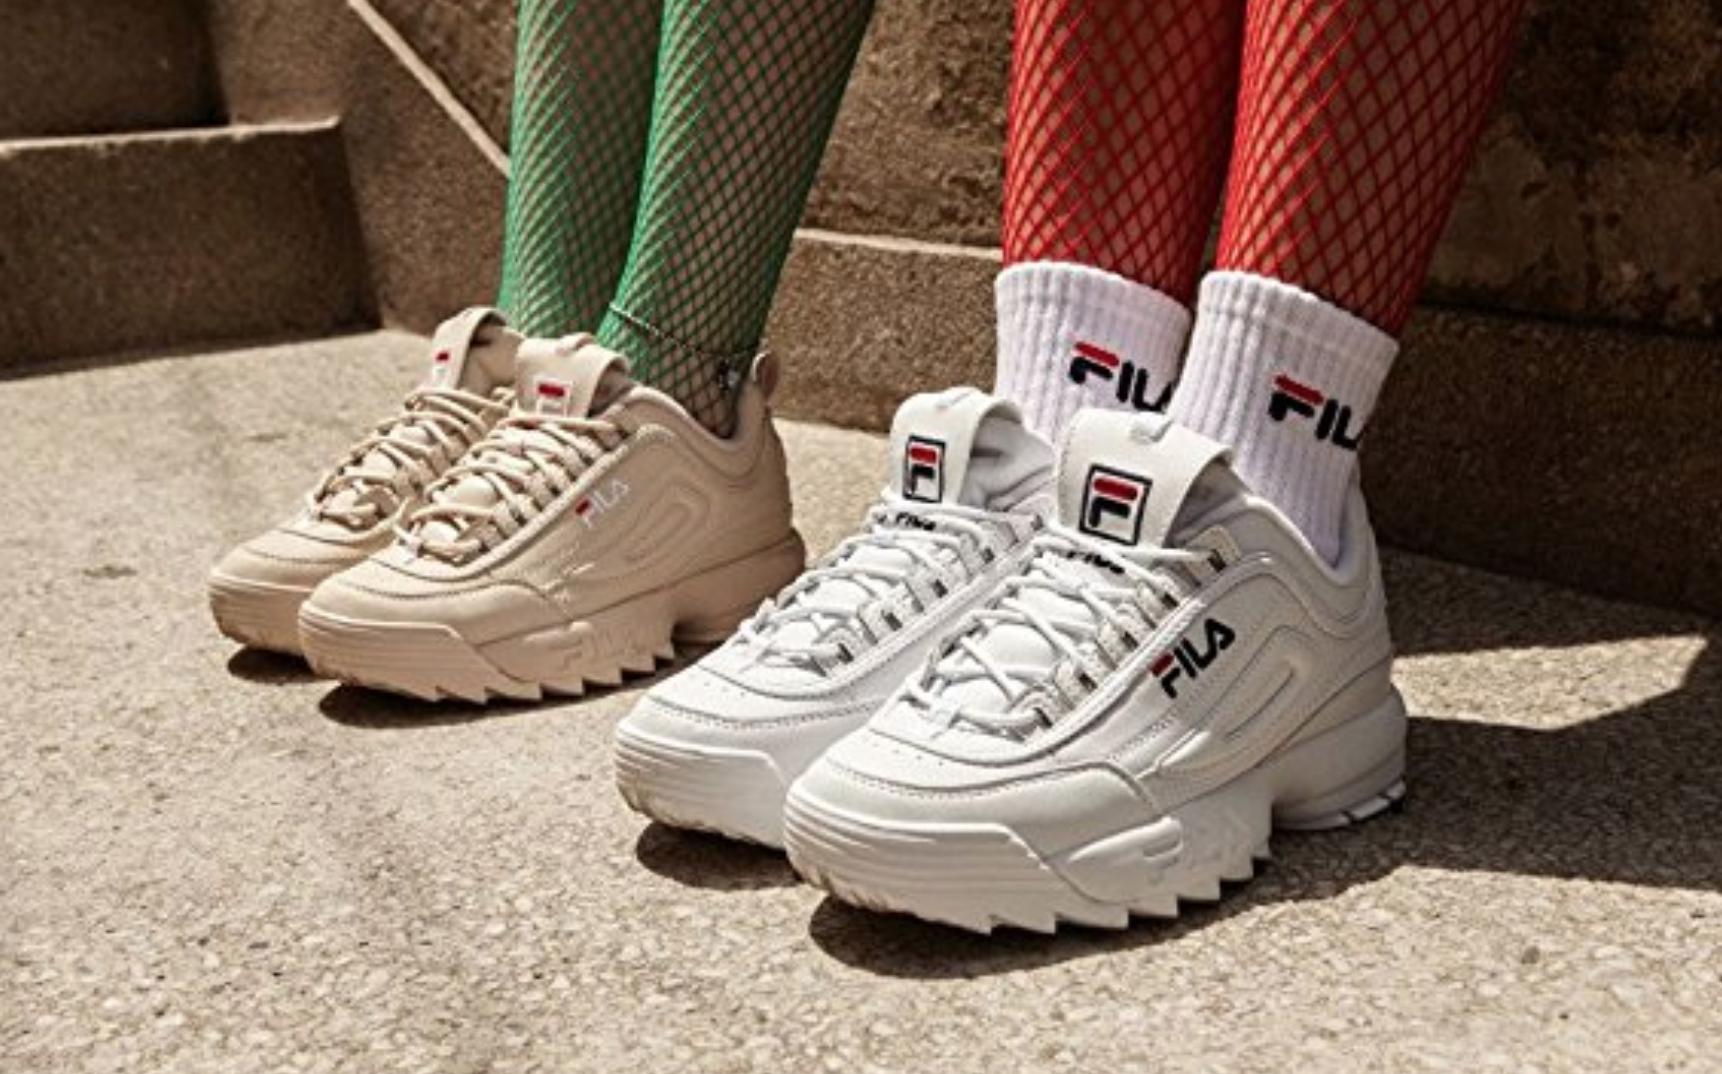 Zapatillas Fila Disruptor para hombre o mujer | Zapatillas ...